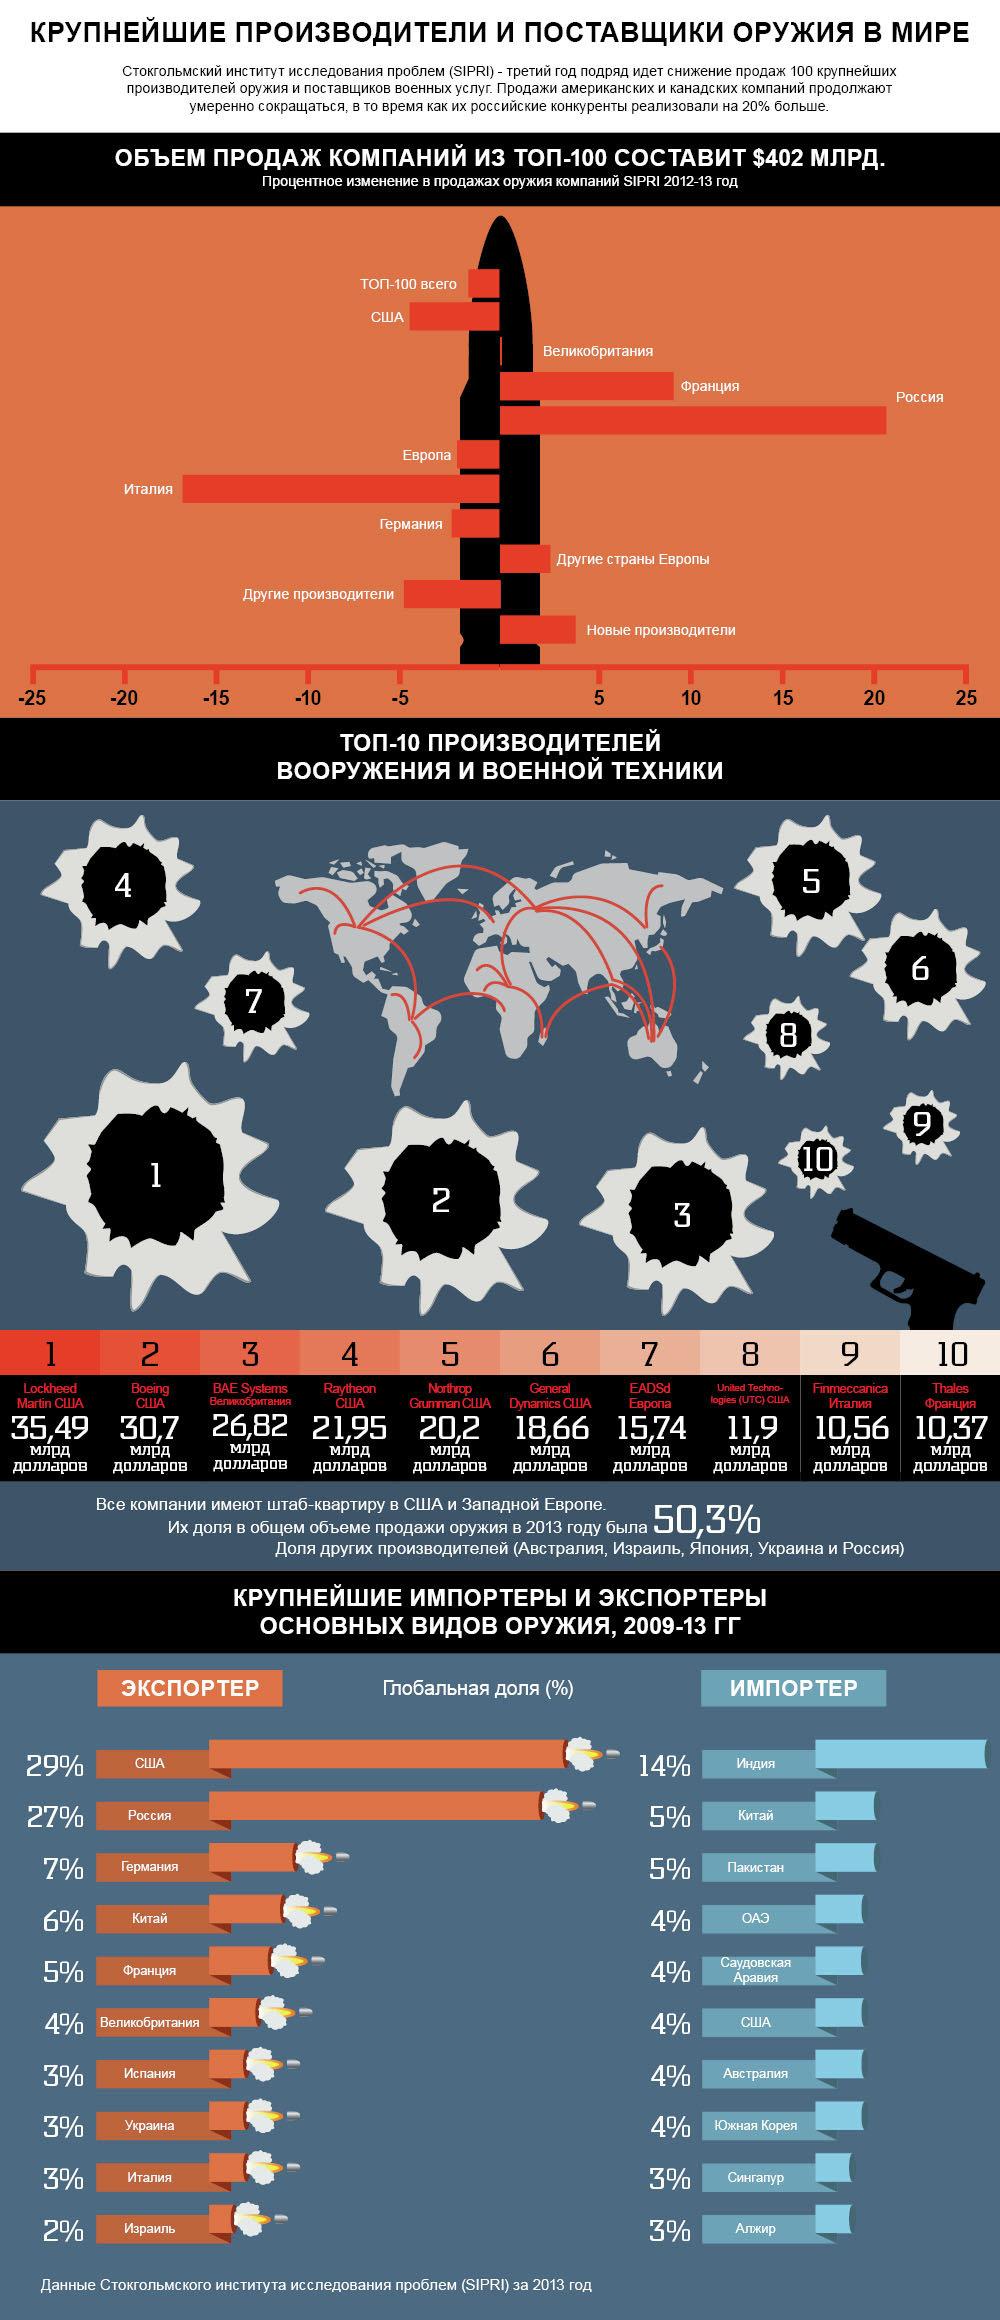 a0b5bfde2a72 Крупнейшие производители и поставщики оружия в мире. Инфографика